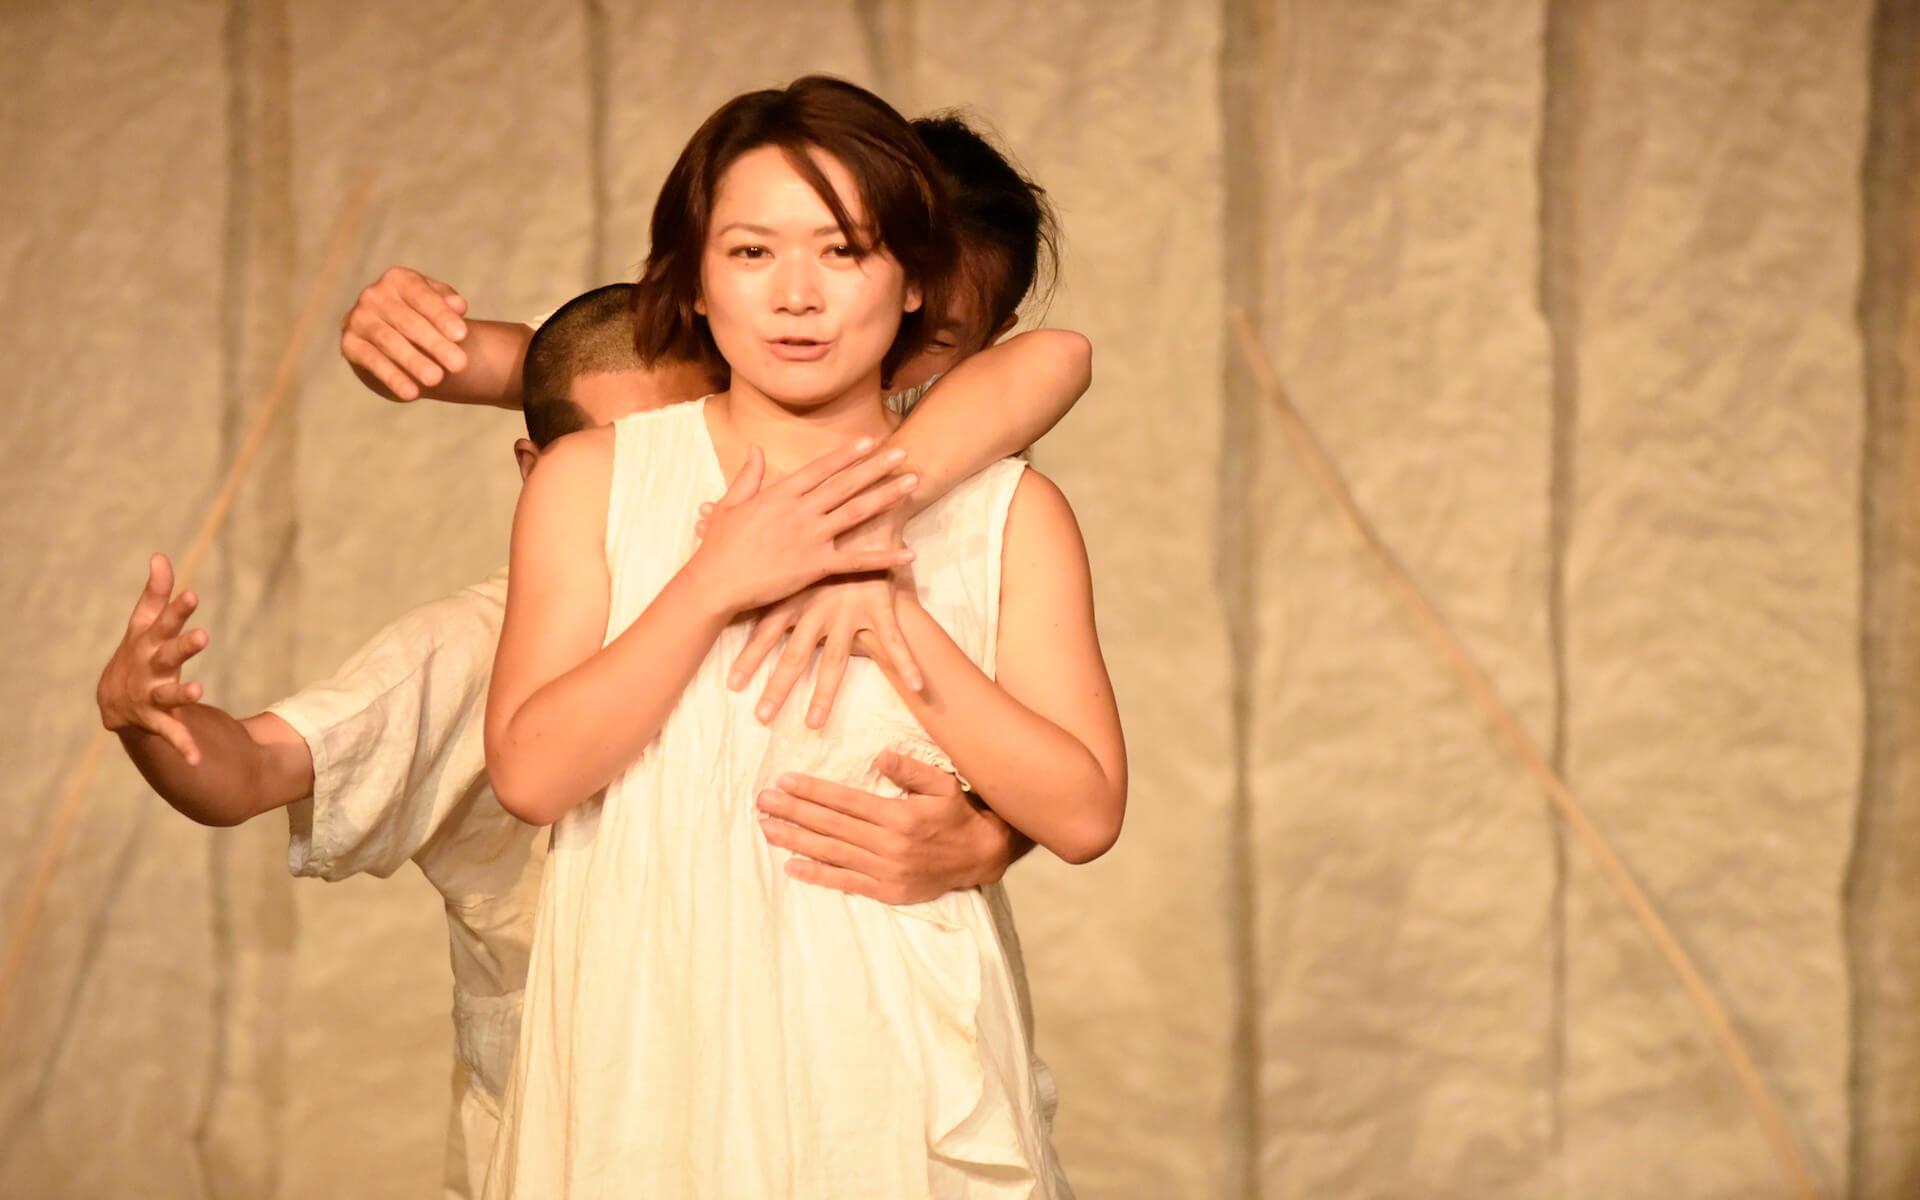 継ぐだけが家業を助ける手段ではない。 200年続く和紙メーカーの娘は、「女優業」で伝統を活かす